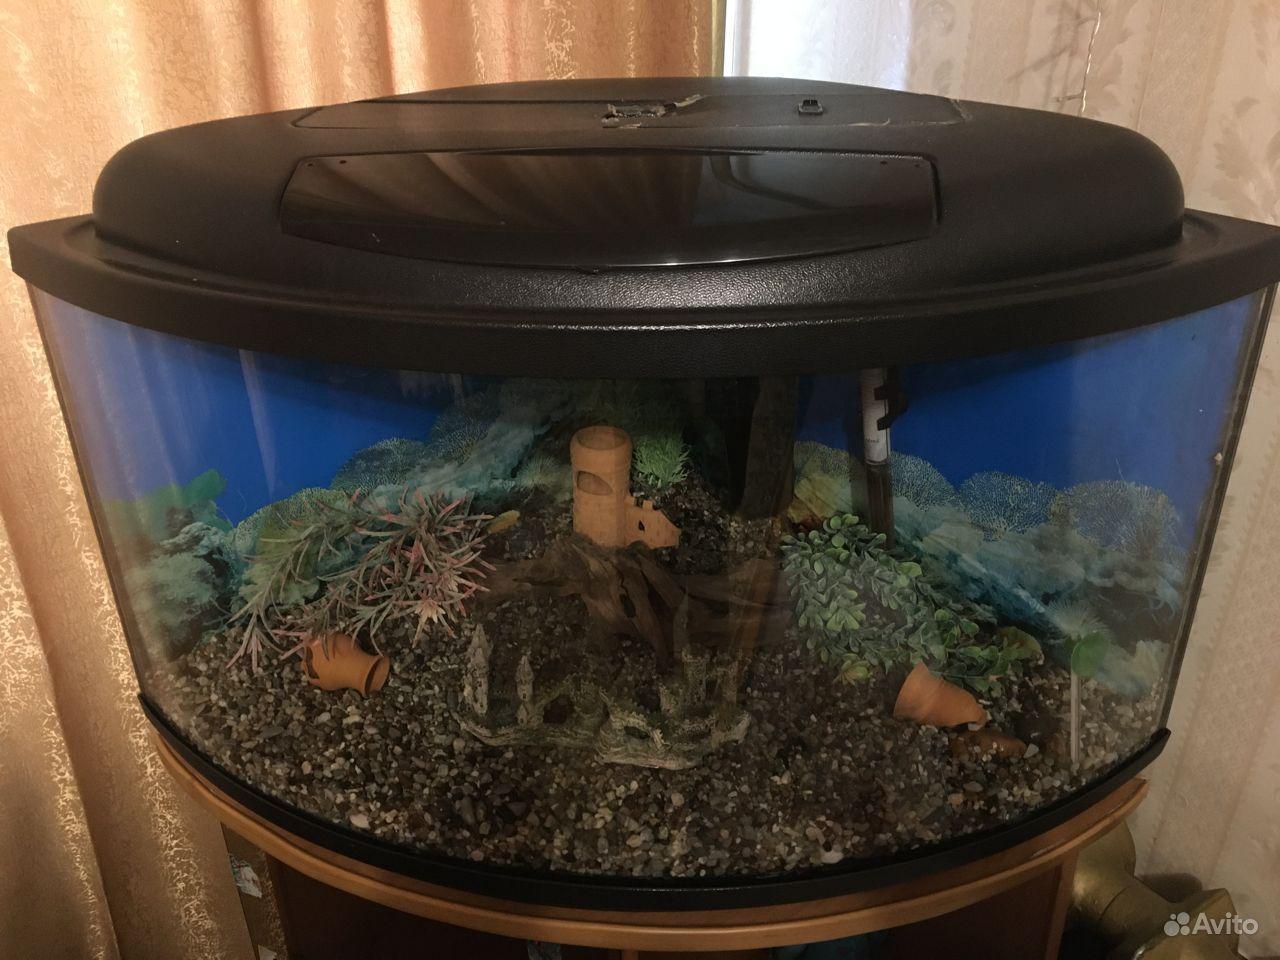 Аквариум угловой панорамный на 75 литров купить на Зозу.ру - фотография № 2